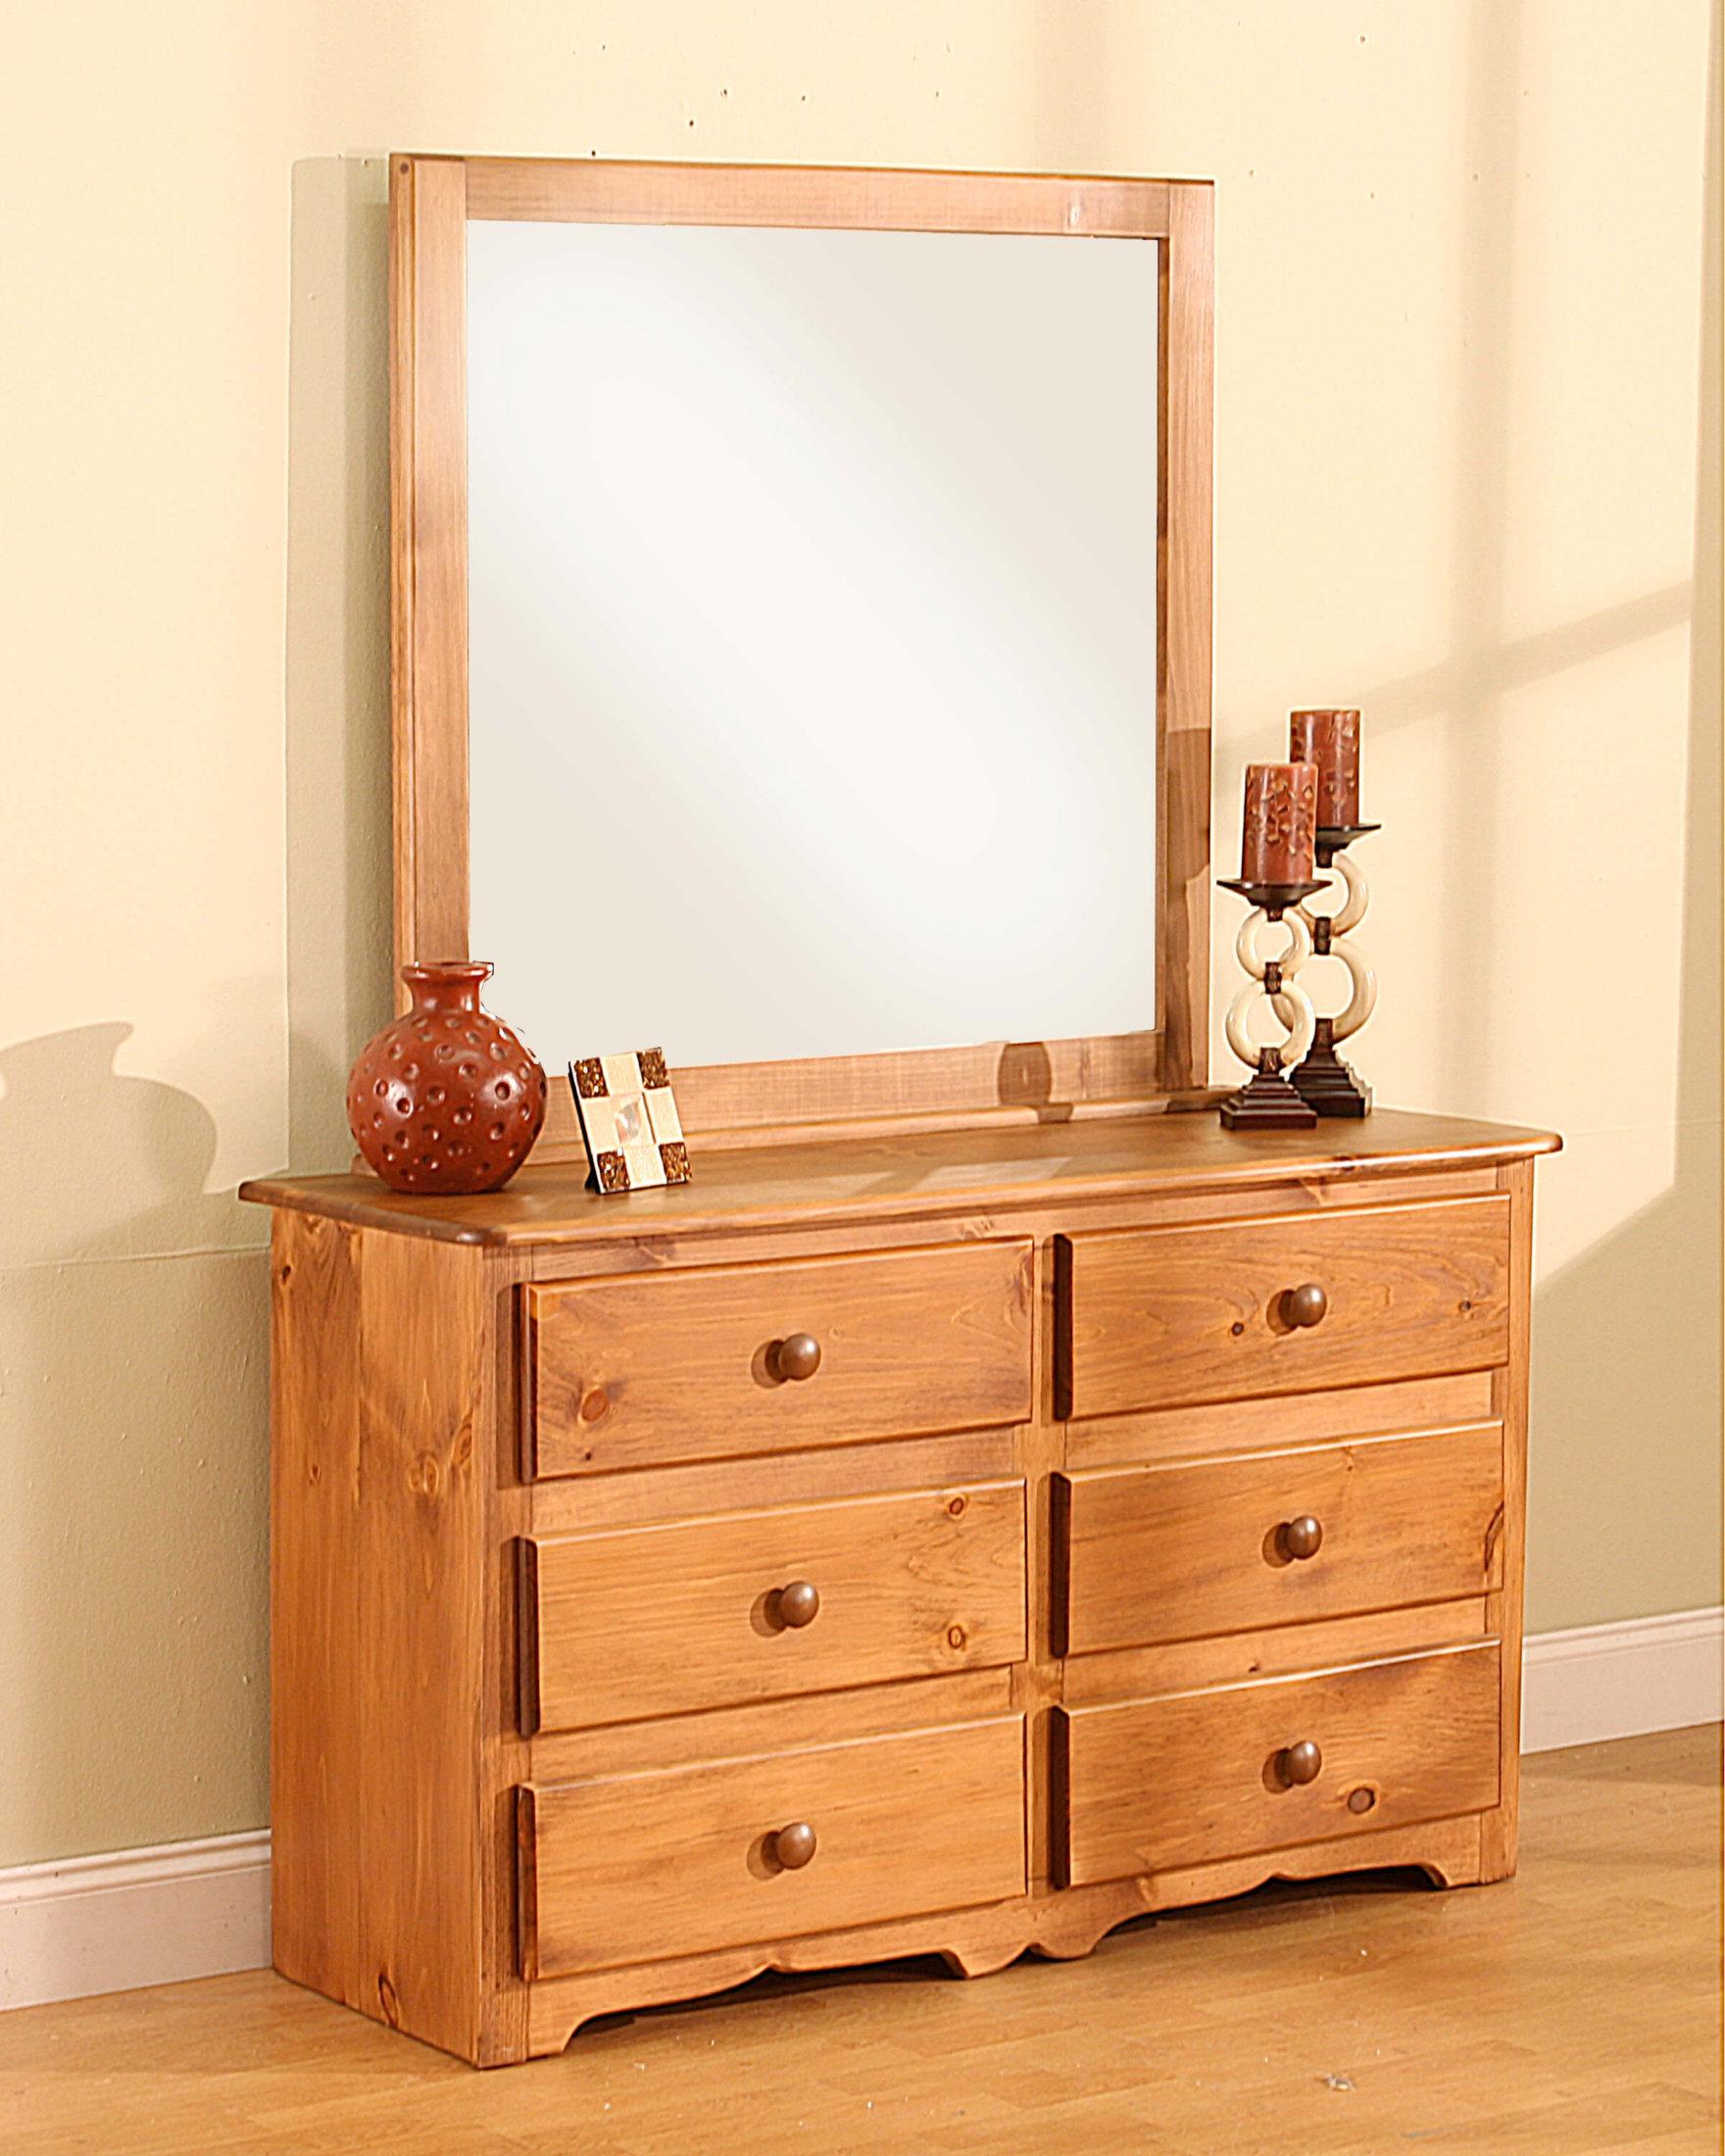 6 Drawer Dresser With Landscape Mirror CS